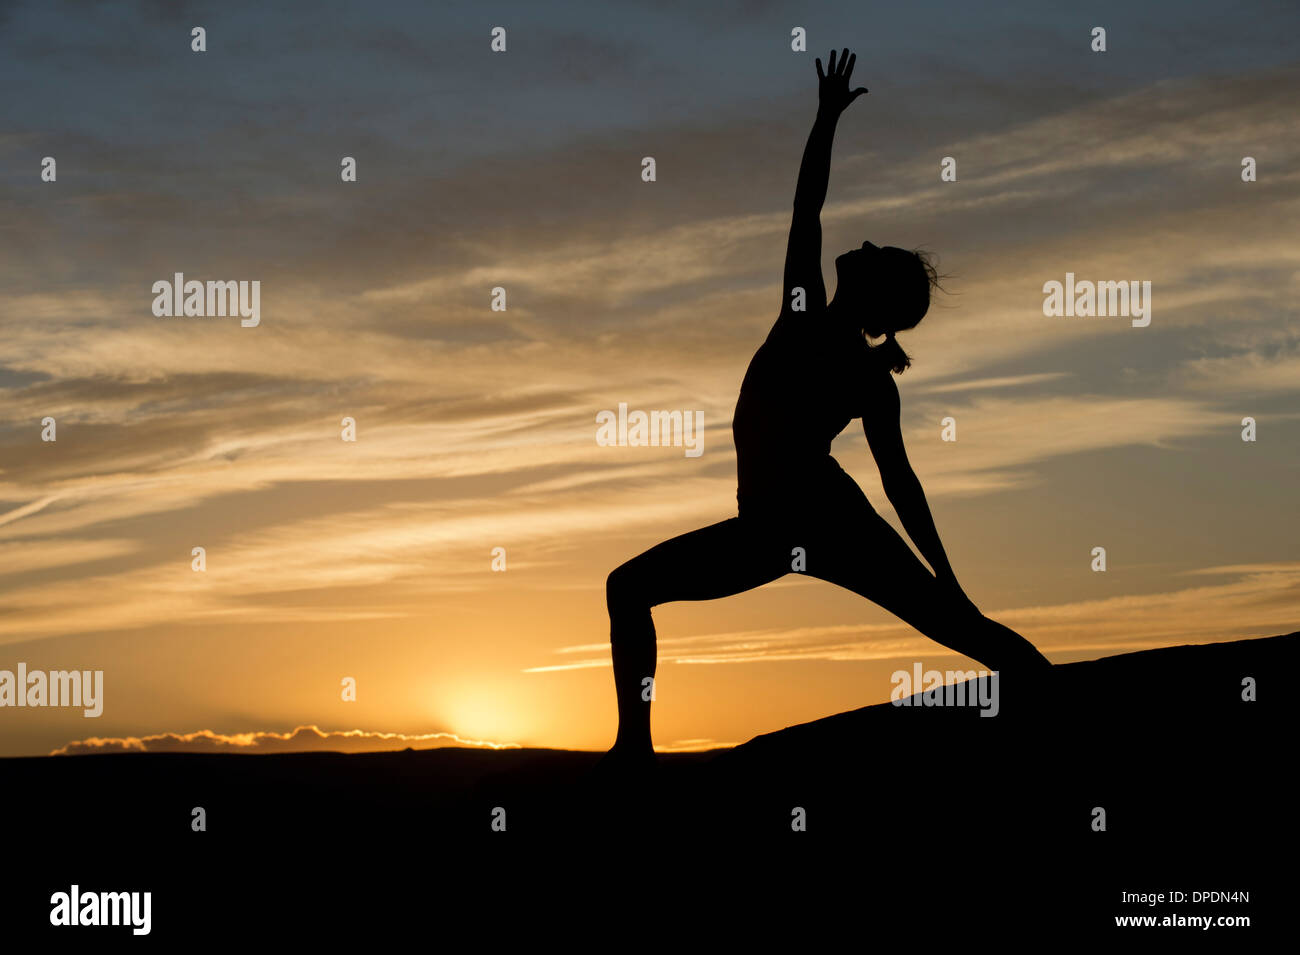 Silhouette of young woman doing yoga, Moab, Utah, USA - Stock Image